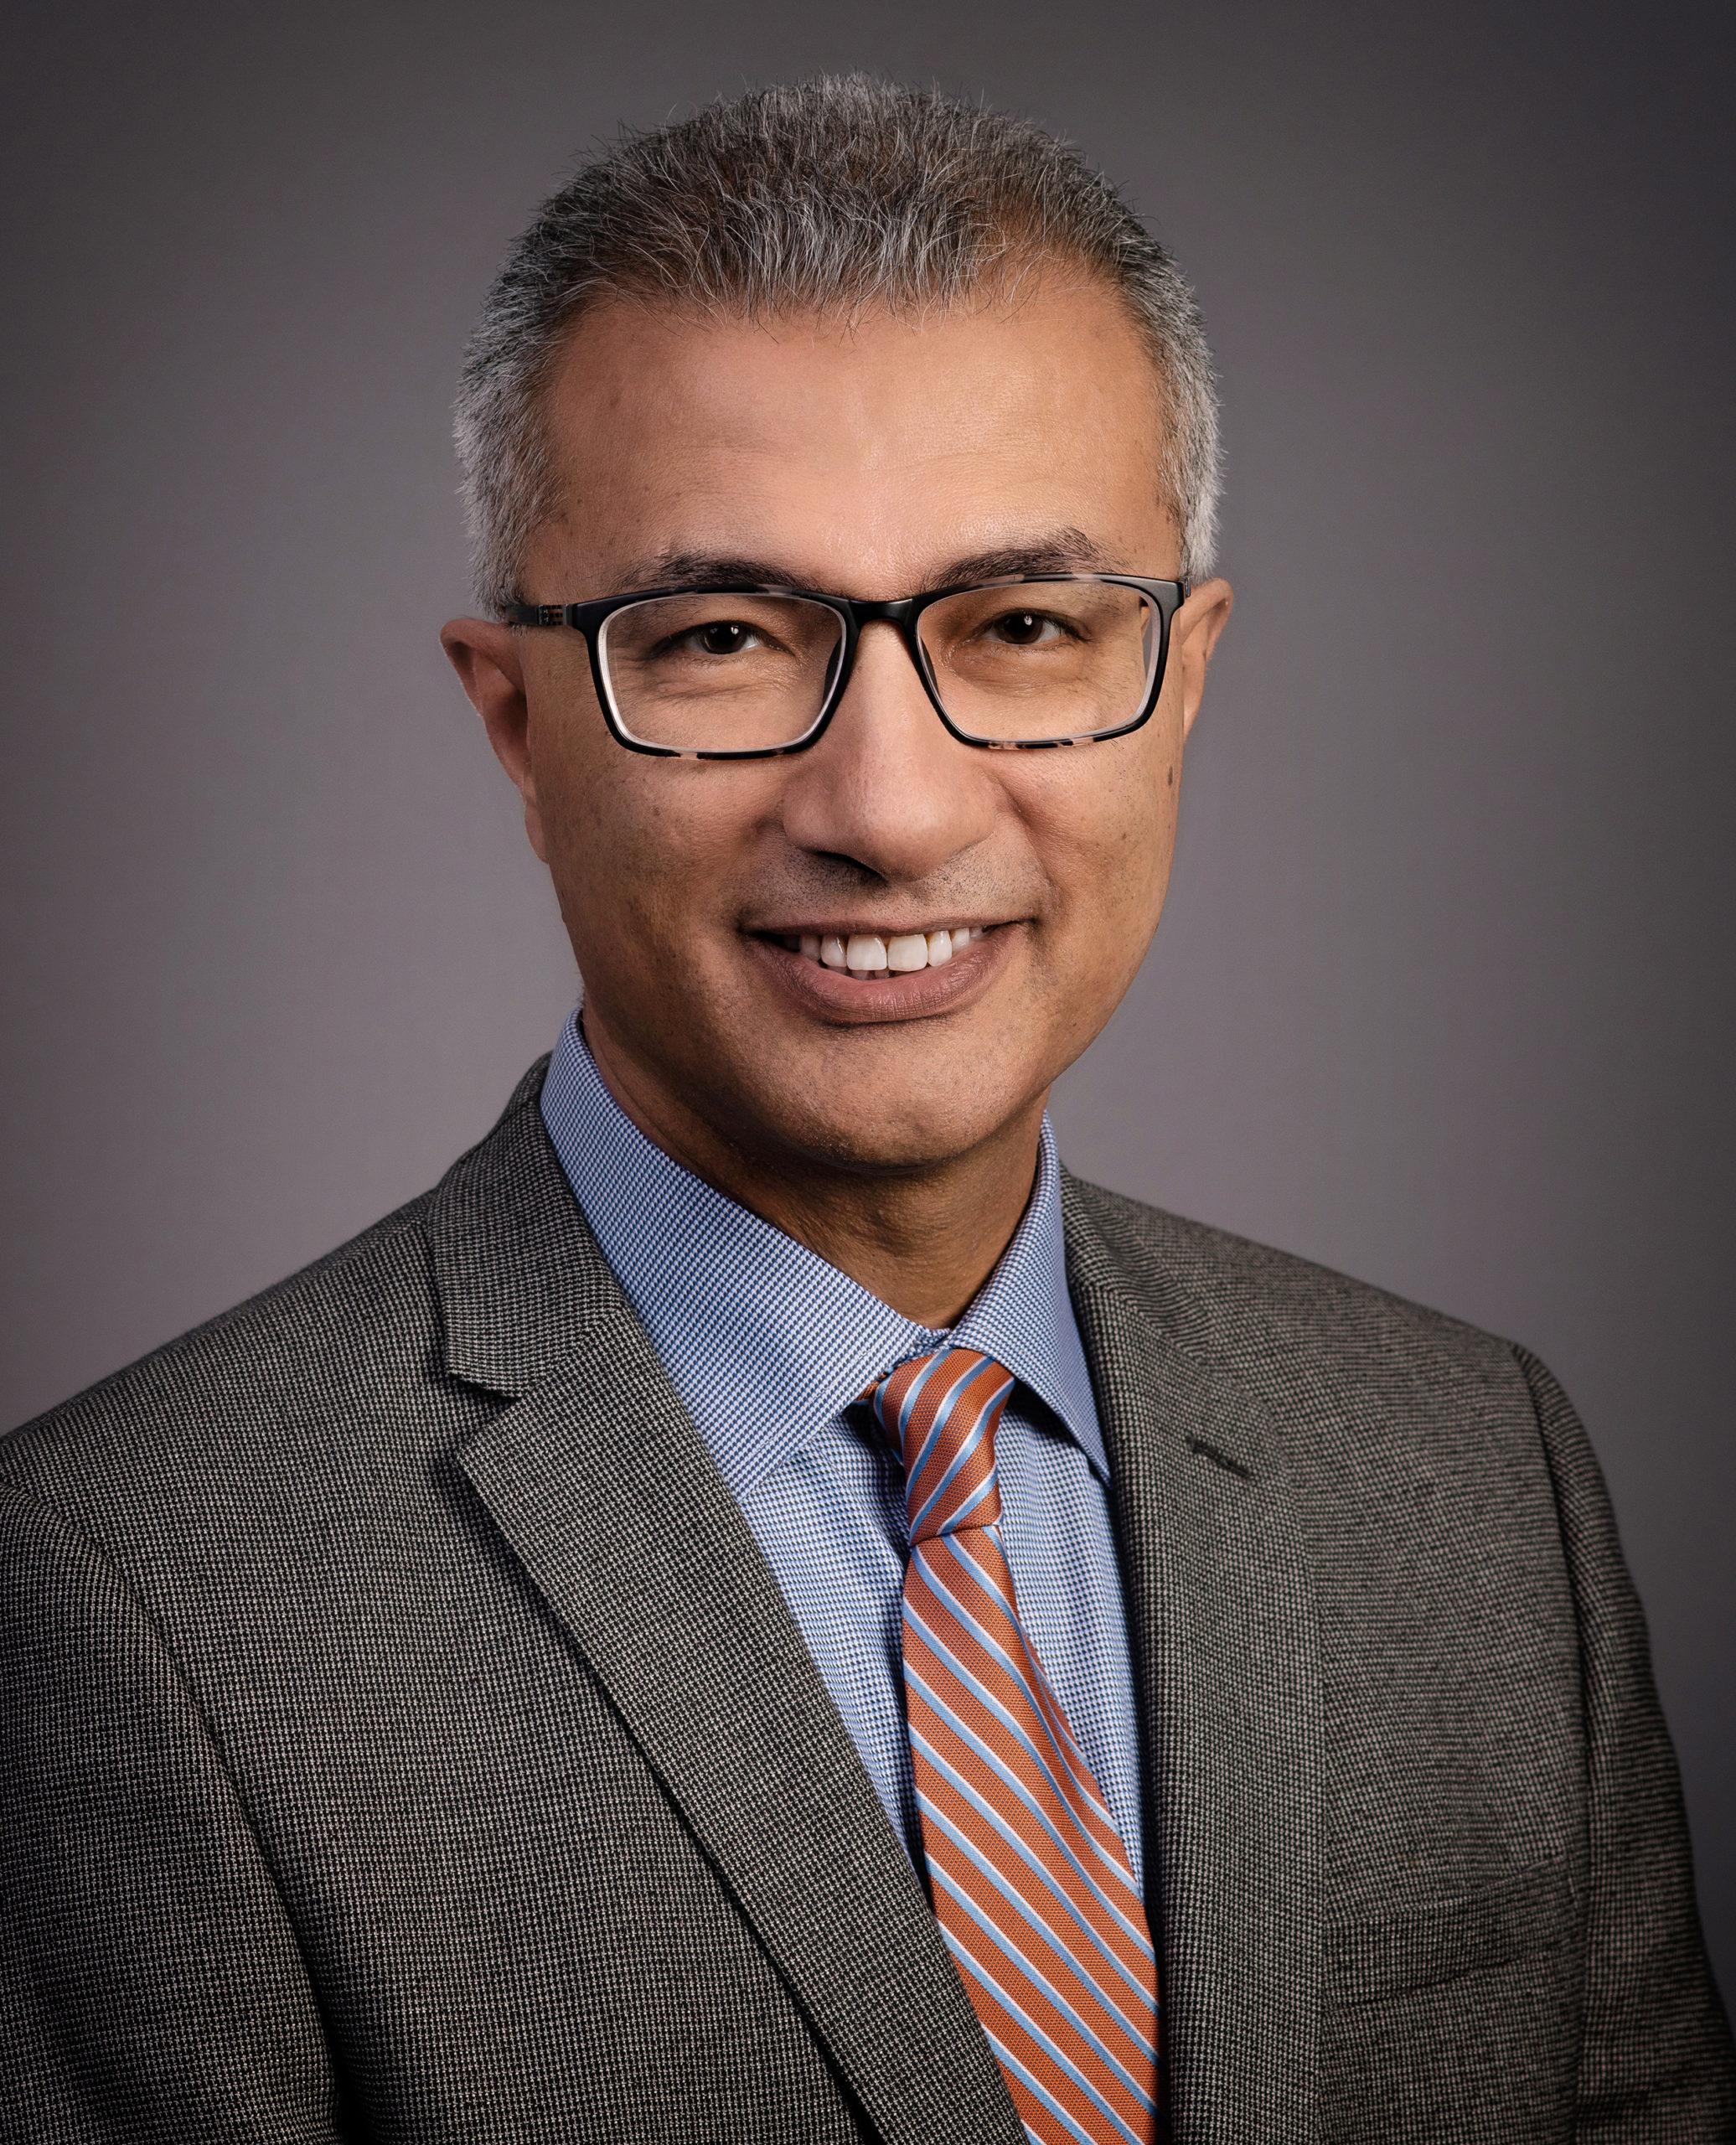 Dr. Esmaeil Porsa